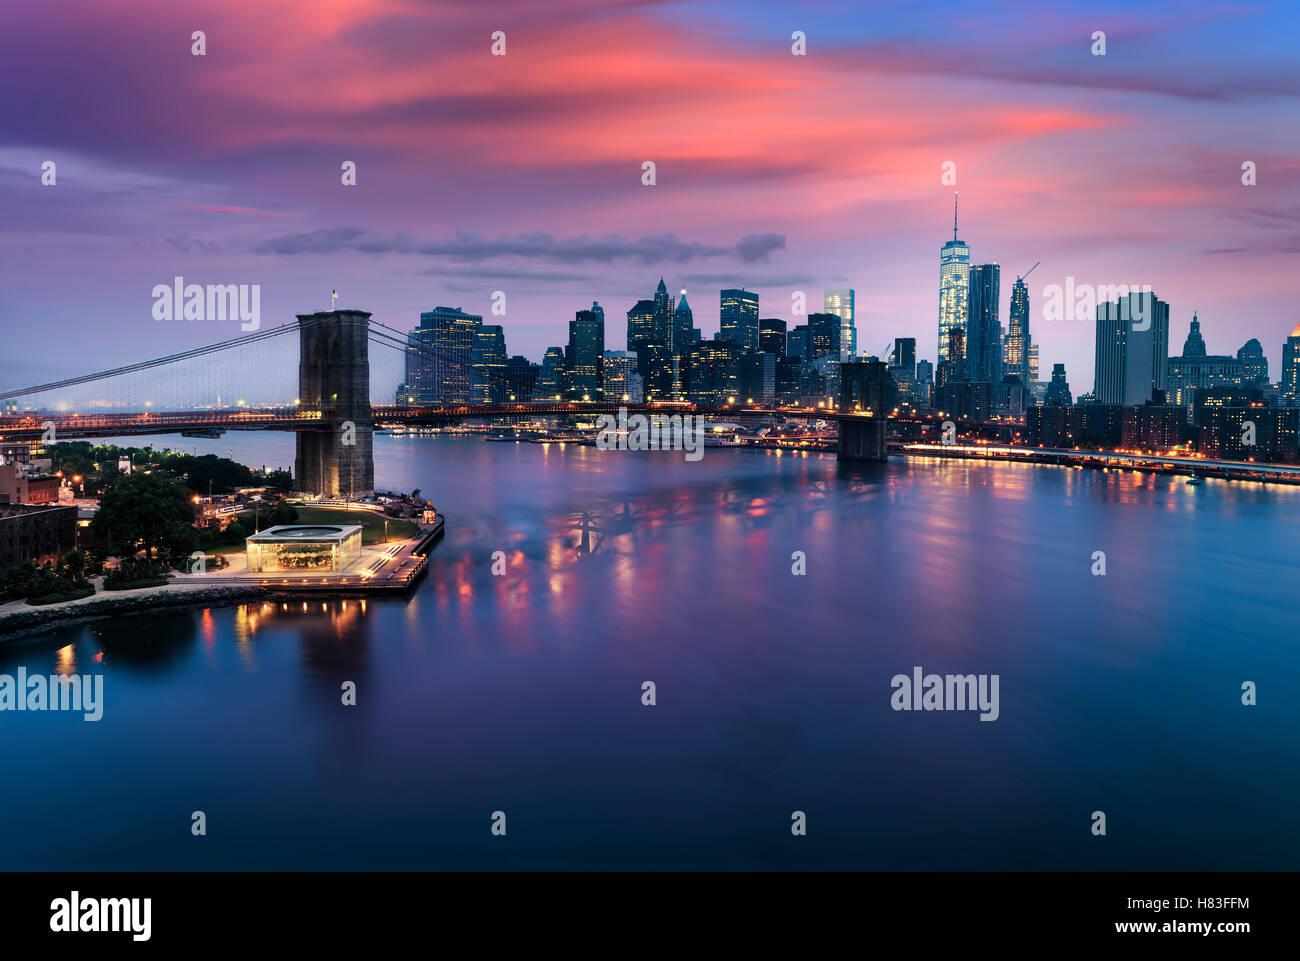 Manhattan und Brooklyn Bridge in der Dämmerung, New York City USA Stockbild